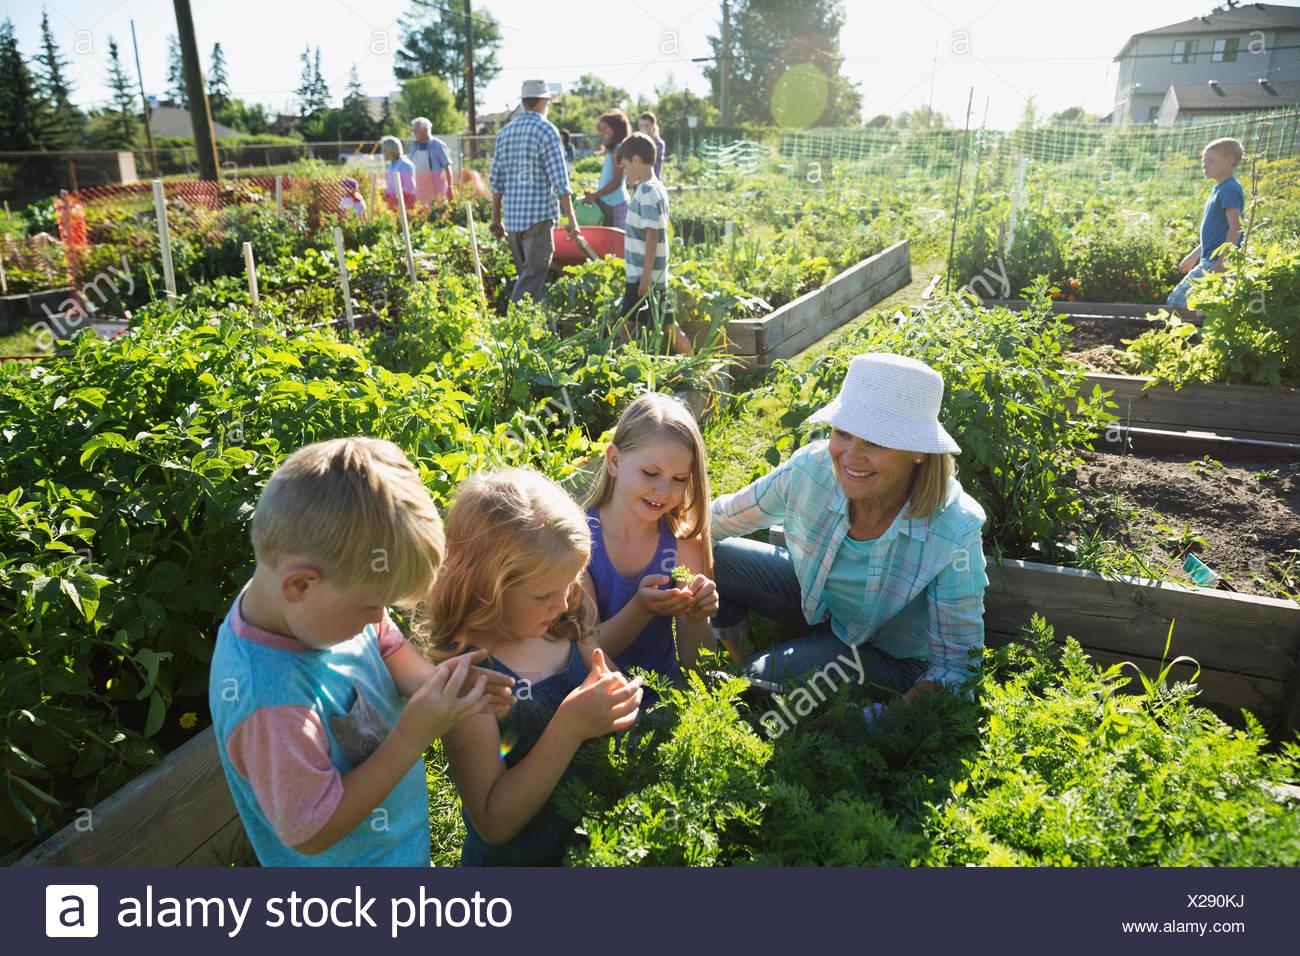 Grandmother and grandchildren tending plants in community garden - Stock Image